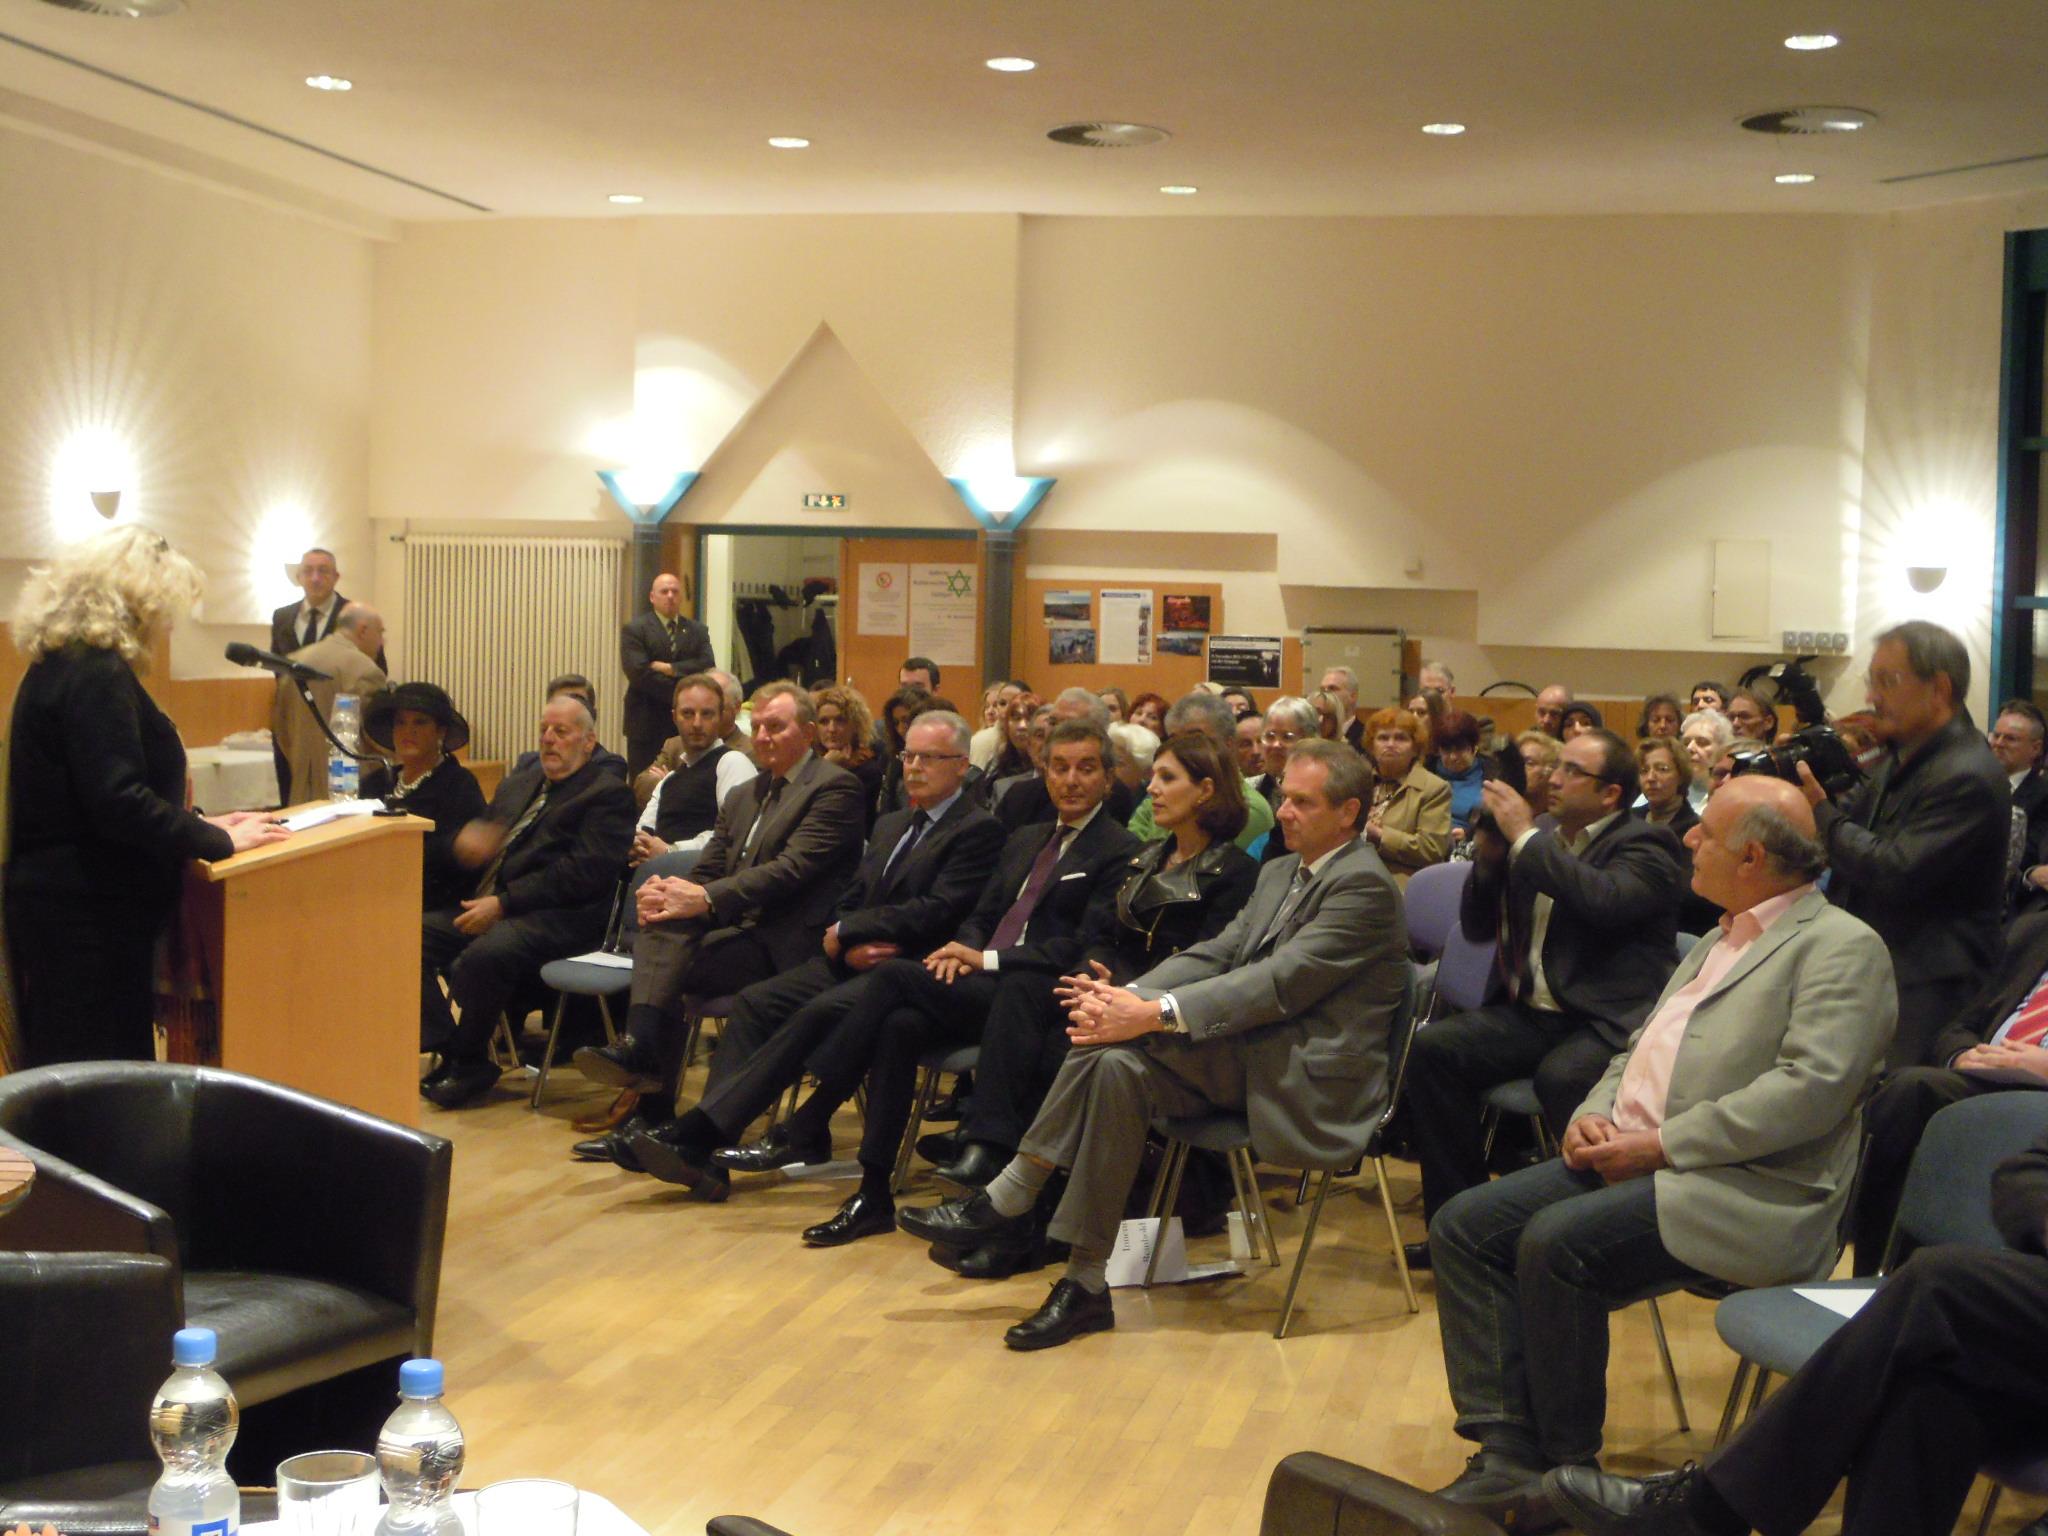 IRGW-Vorstandssprecherin Barbara Traub M.A. begrüßt die Gäste